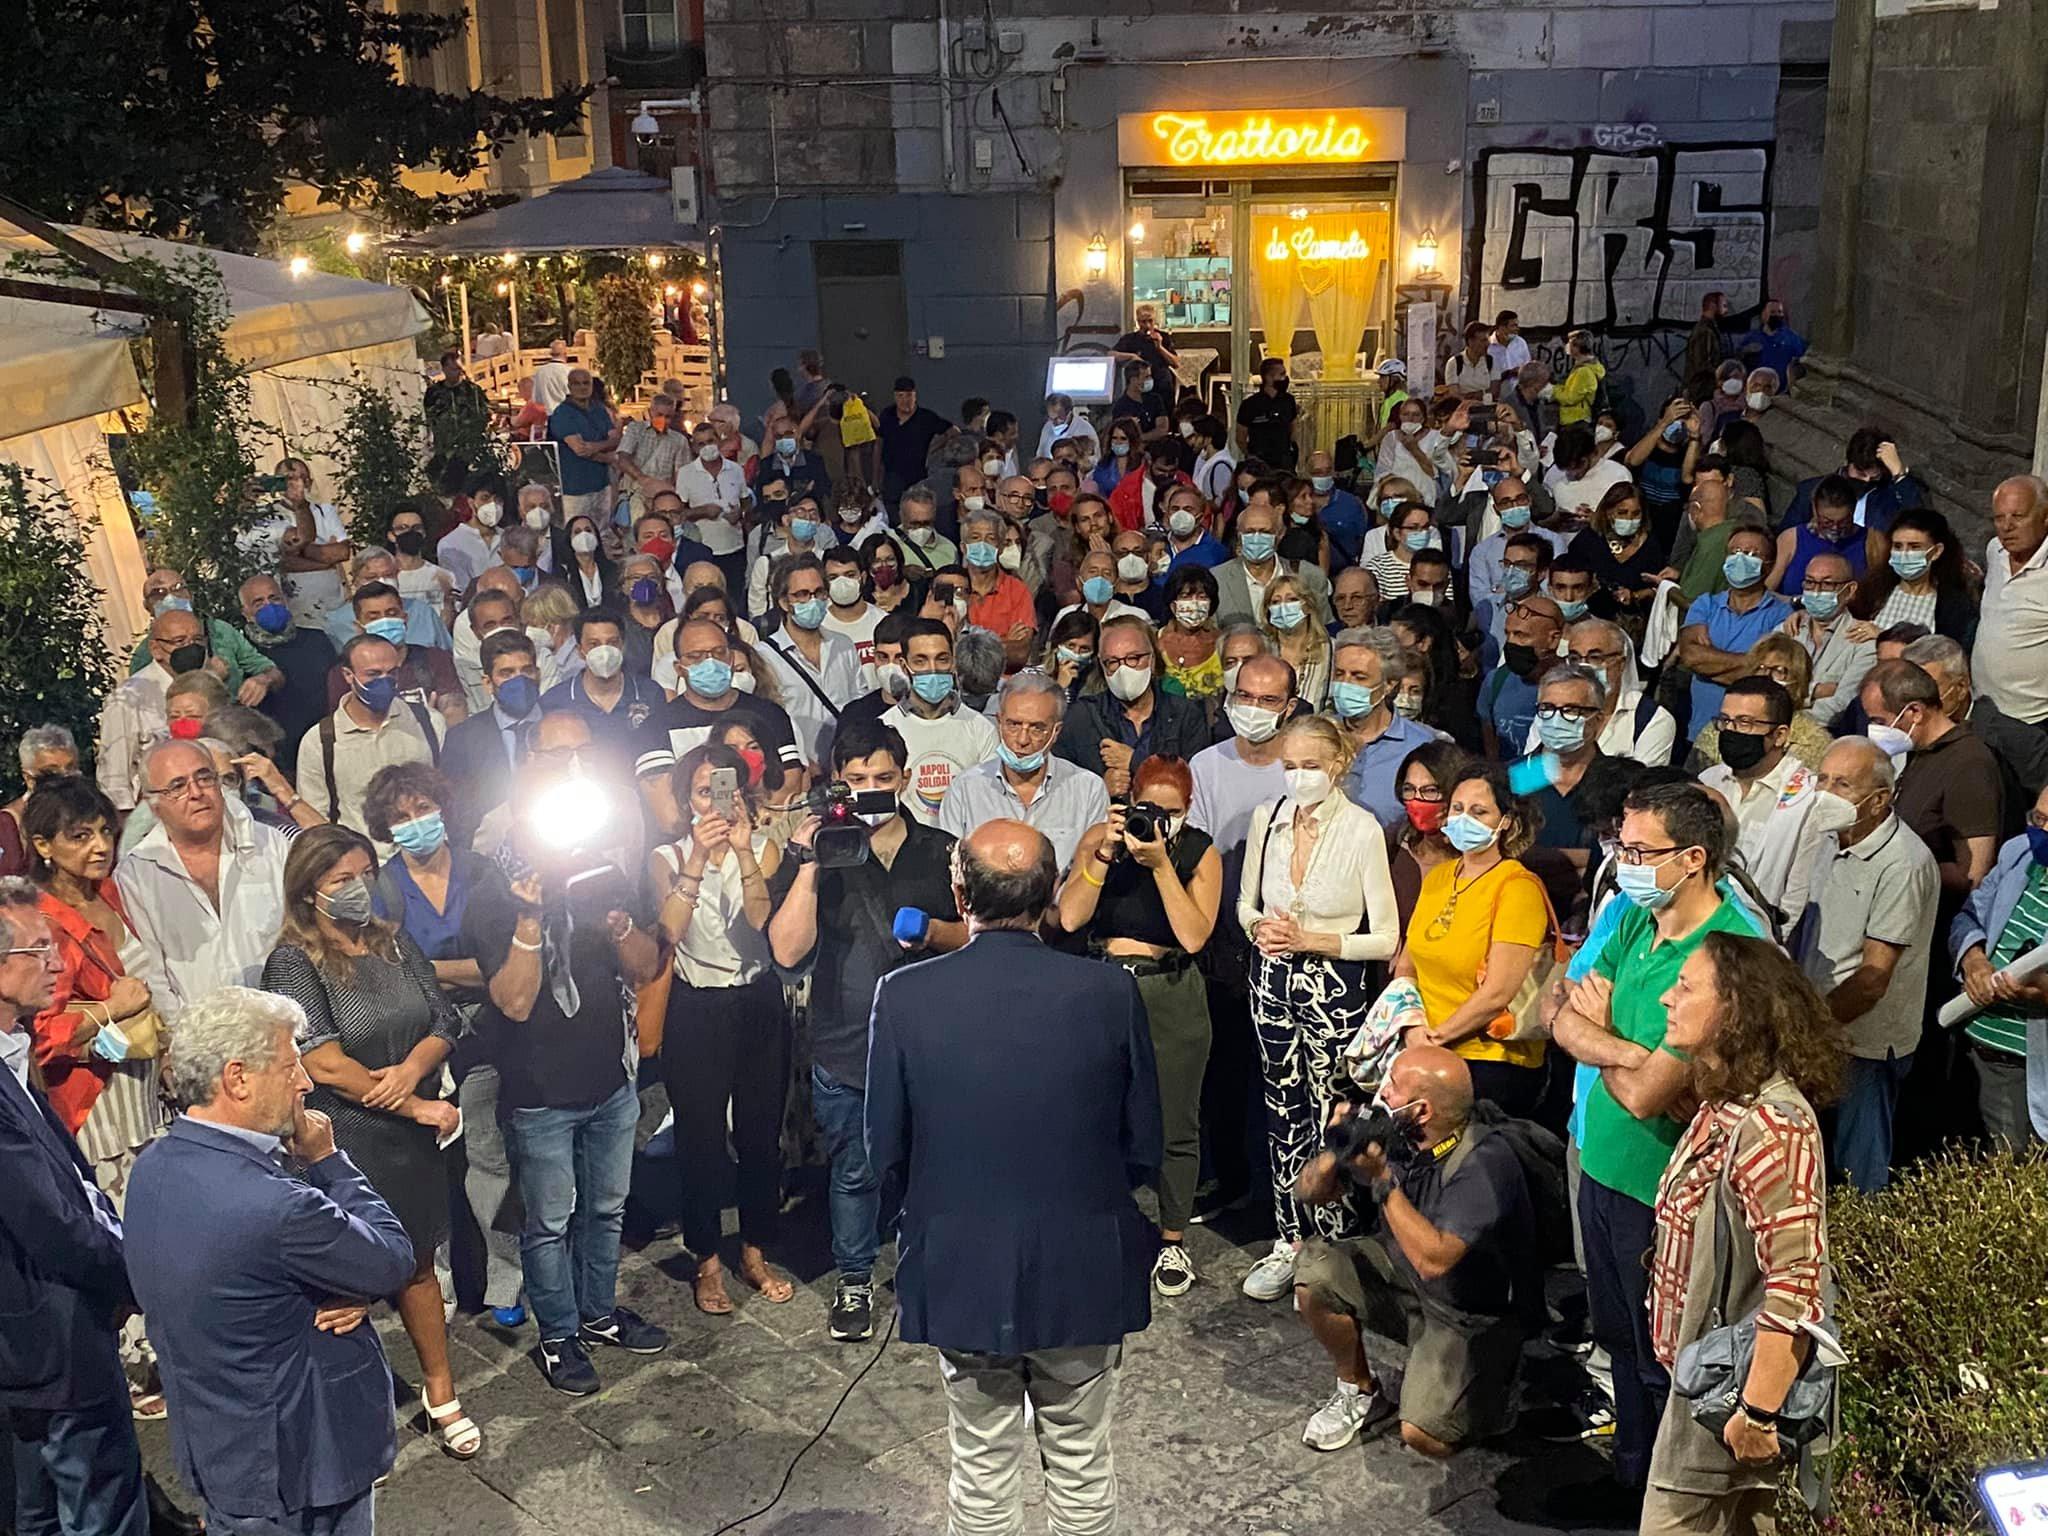 Napoli, pochissime persone al comizio di Bersani. Critiche a Bassolino